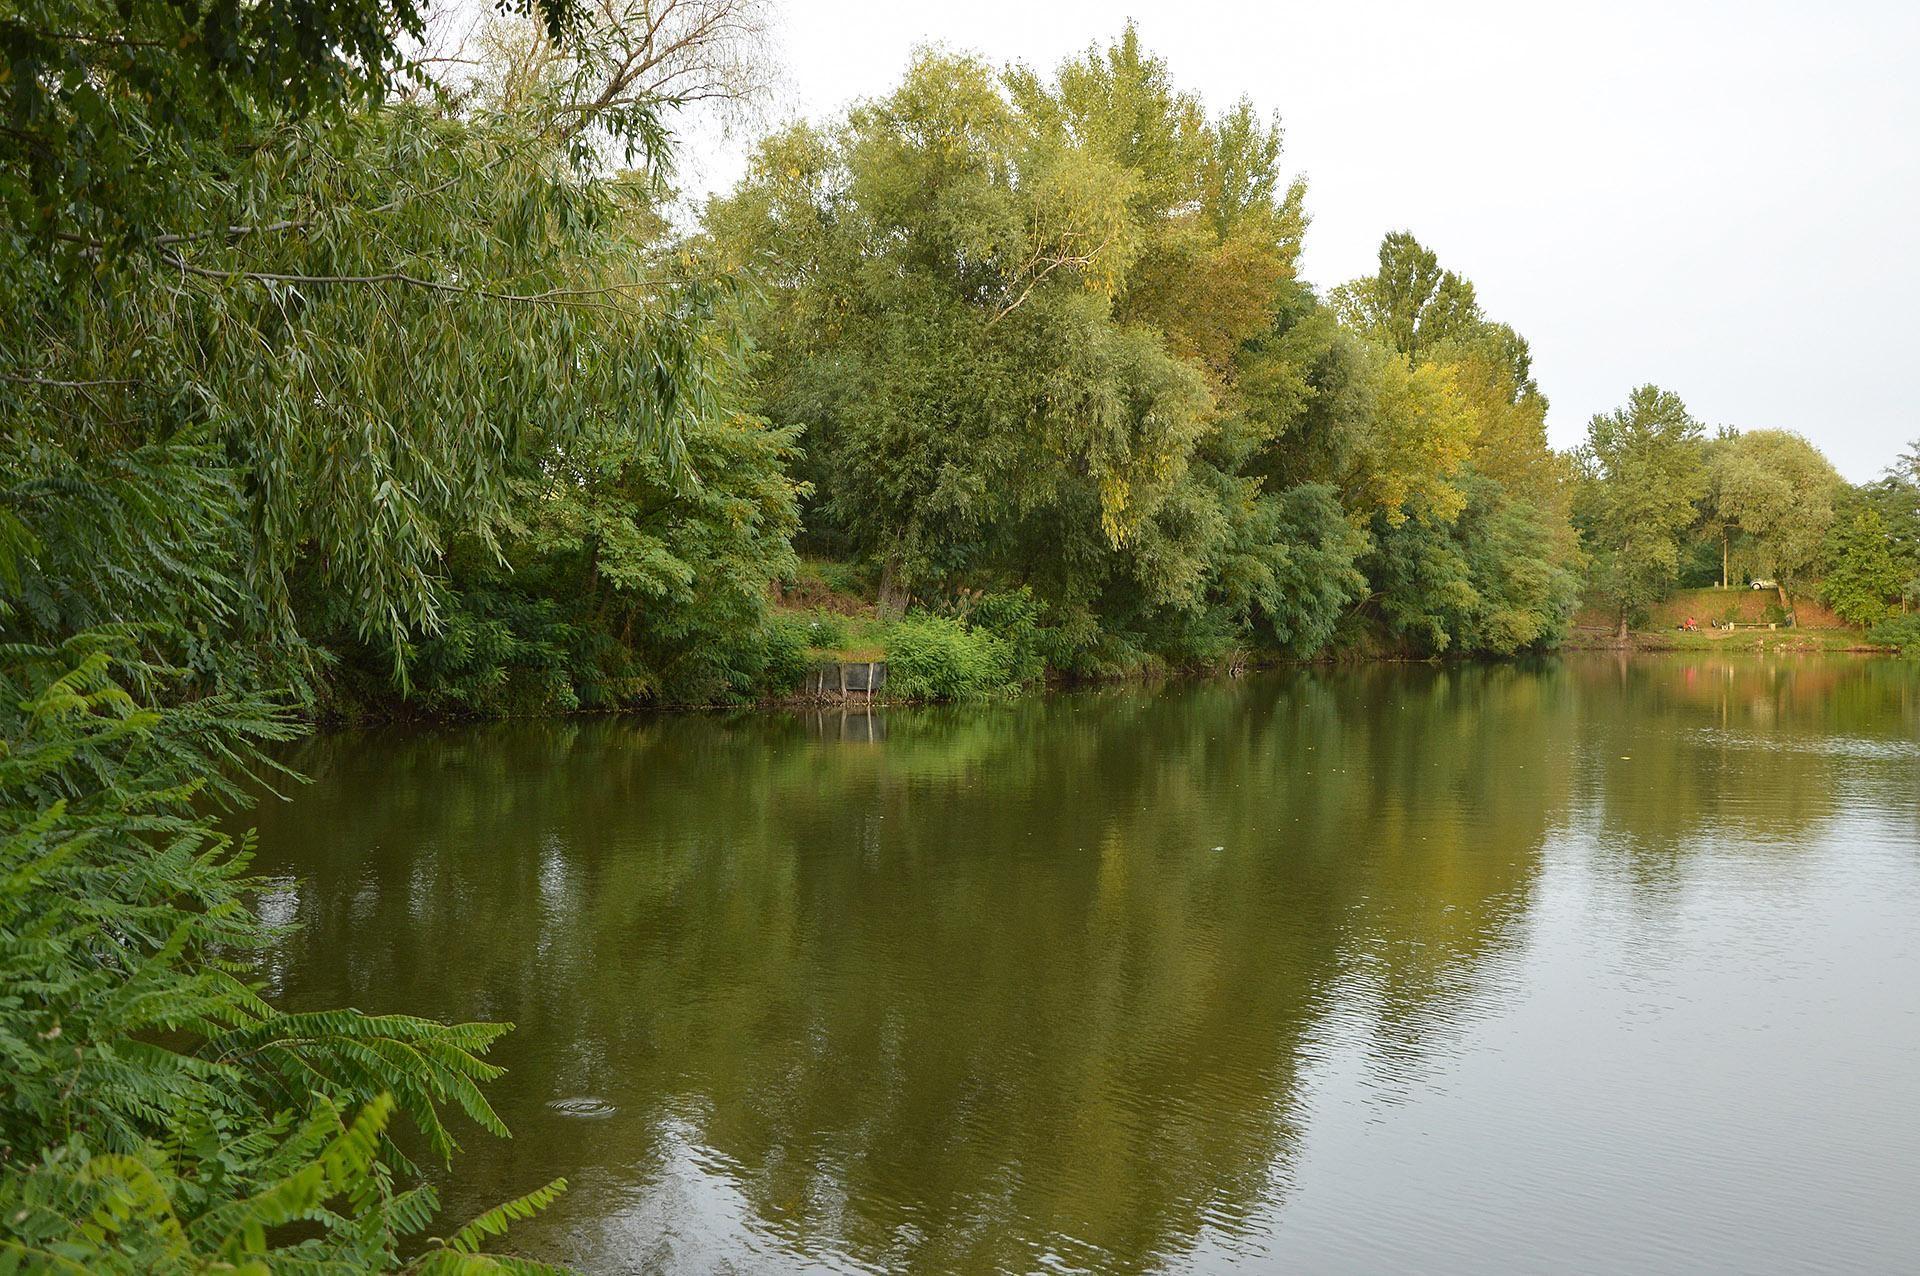 Nem alakítottak ki túl sok horgászhelyet, ez is biztosítja az ember privát szféráját és zavartalan nyugalmát